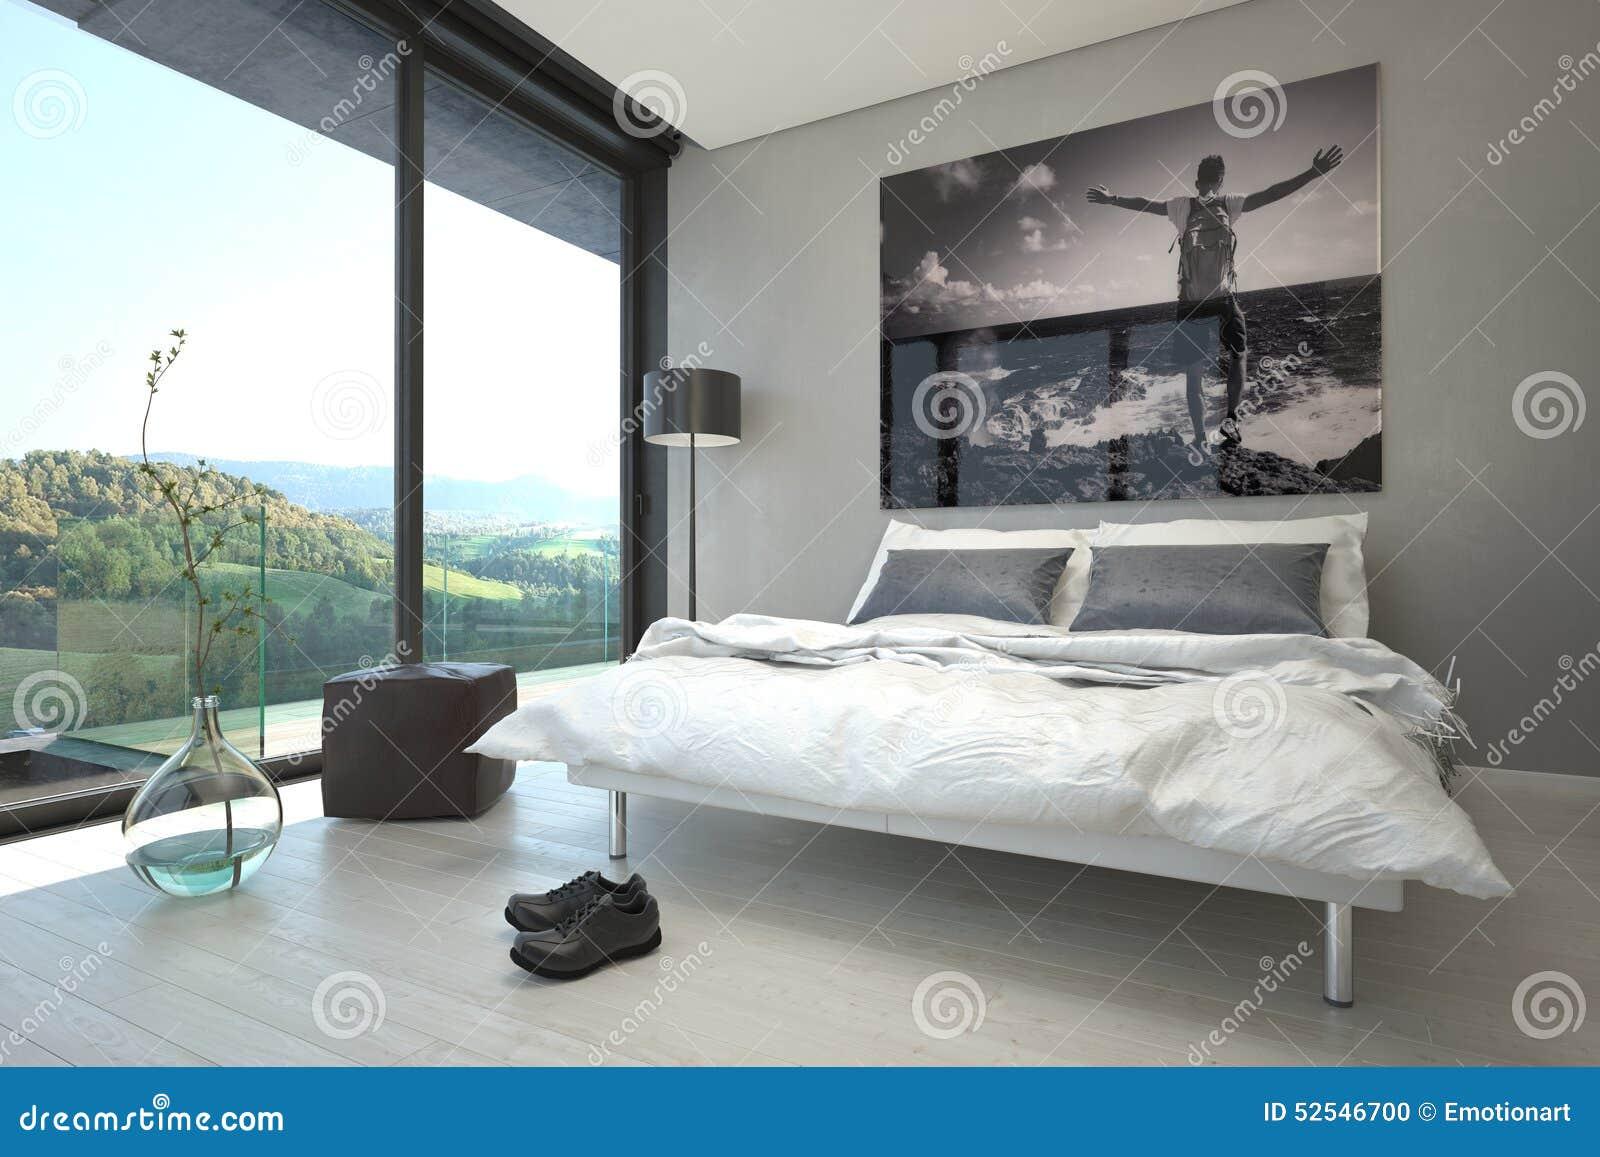 Bagno In Camera Con Vetrata : Progetti camere da letto con bagno: misure camera da letto consigli